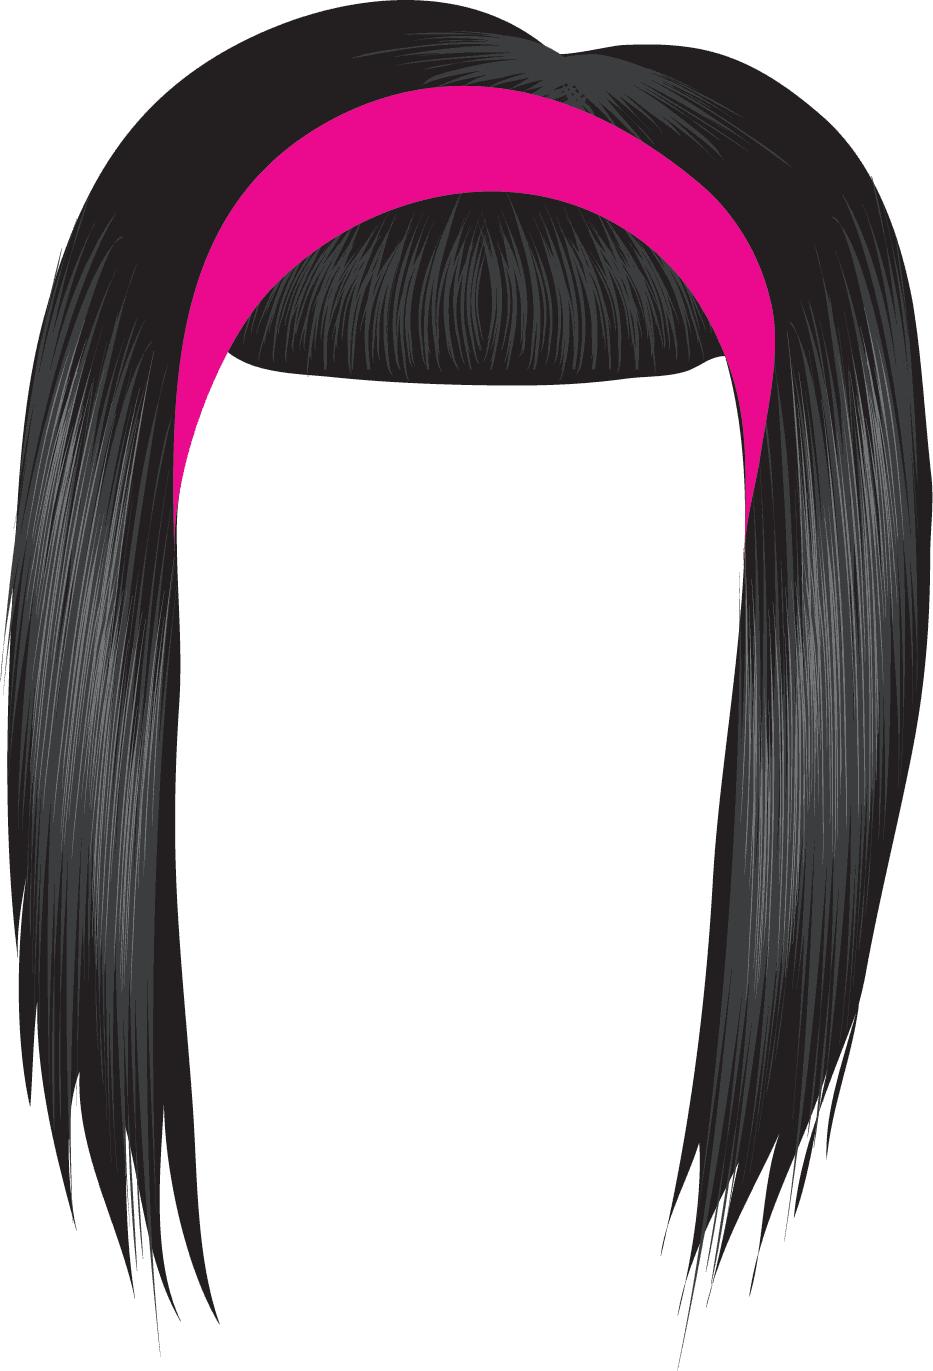 933x1371 Best Hair Clipart